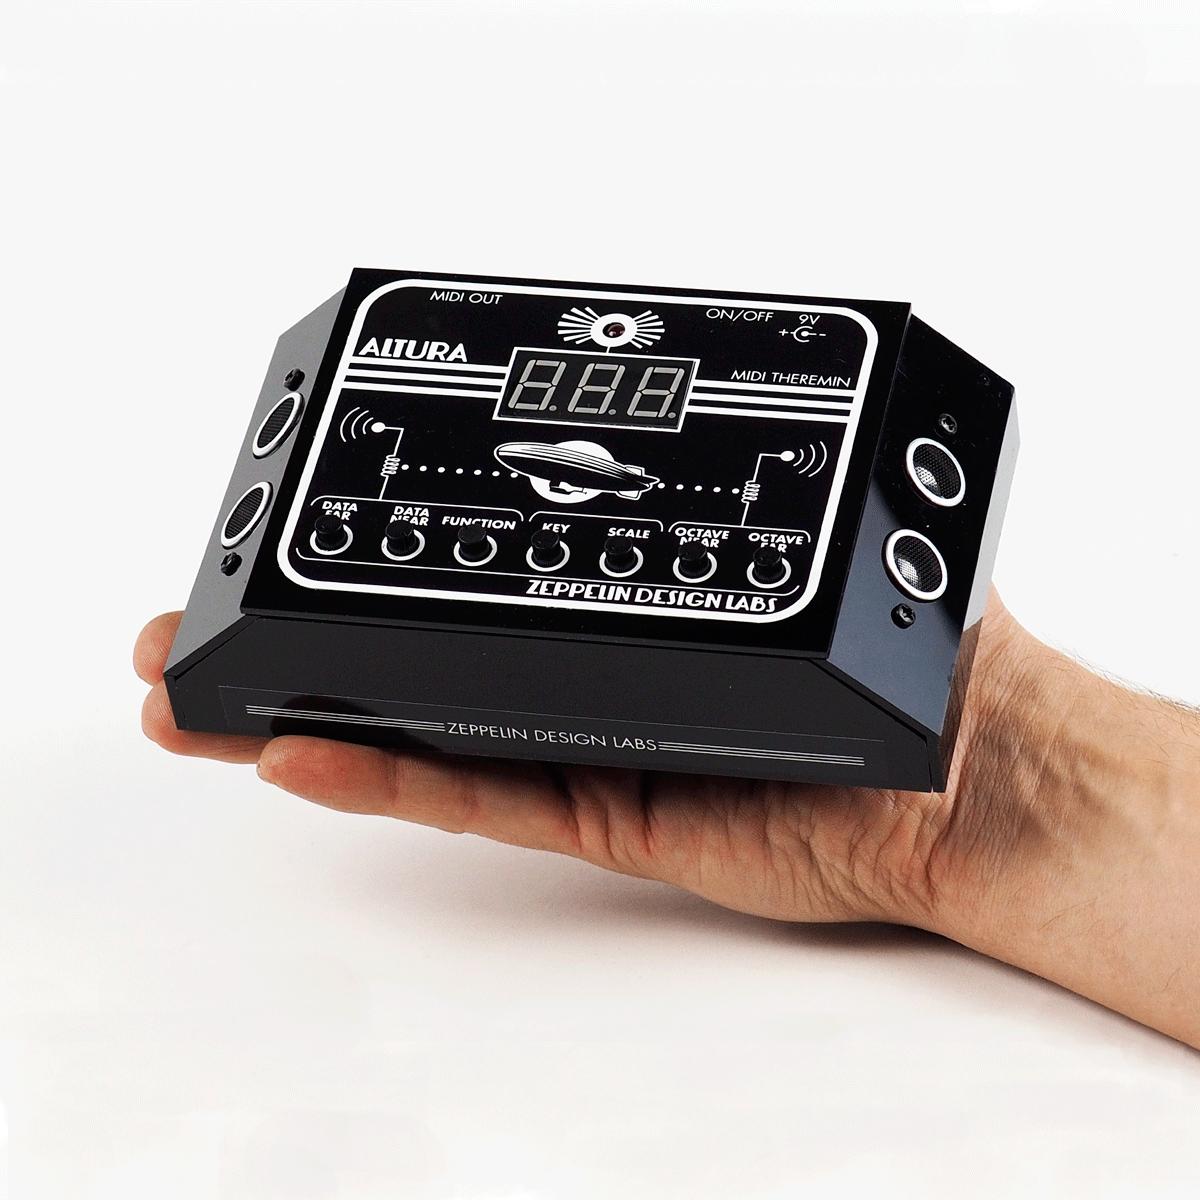 Altura Theremin MIDI Controller